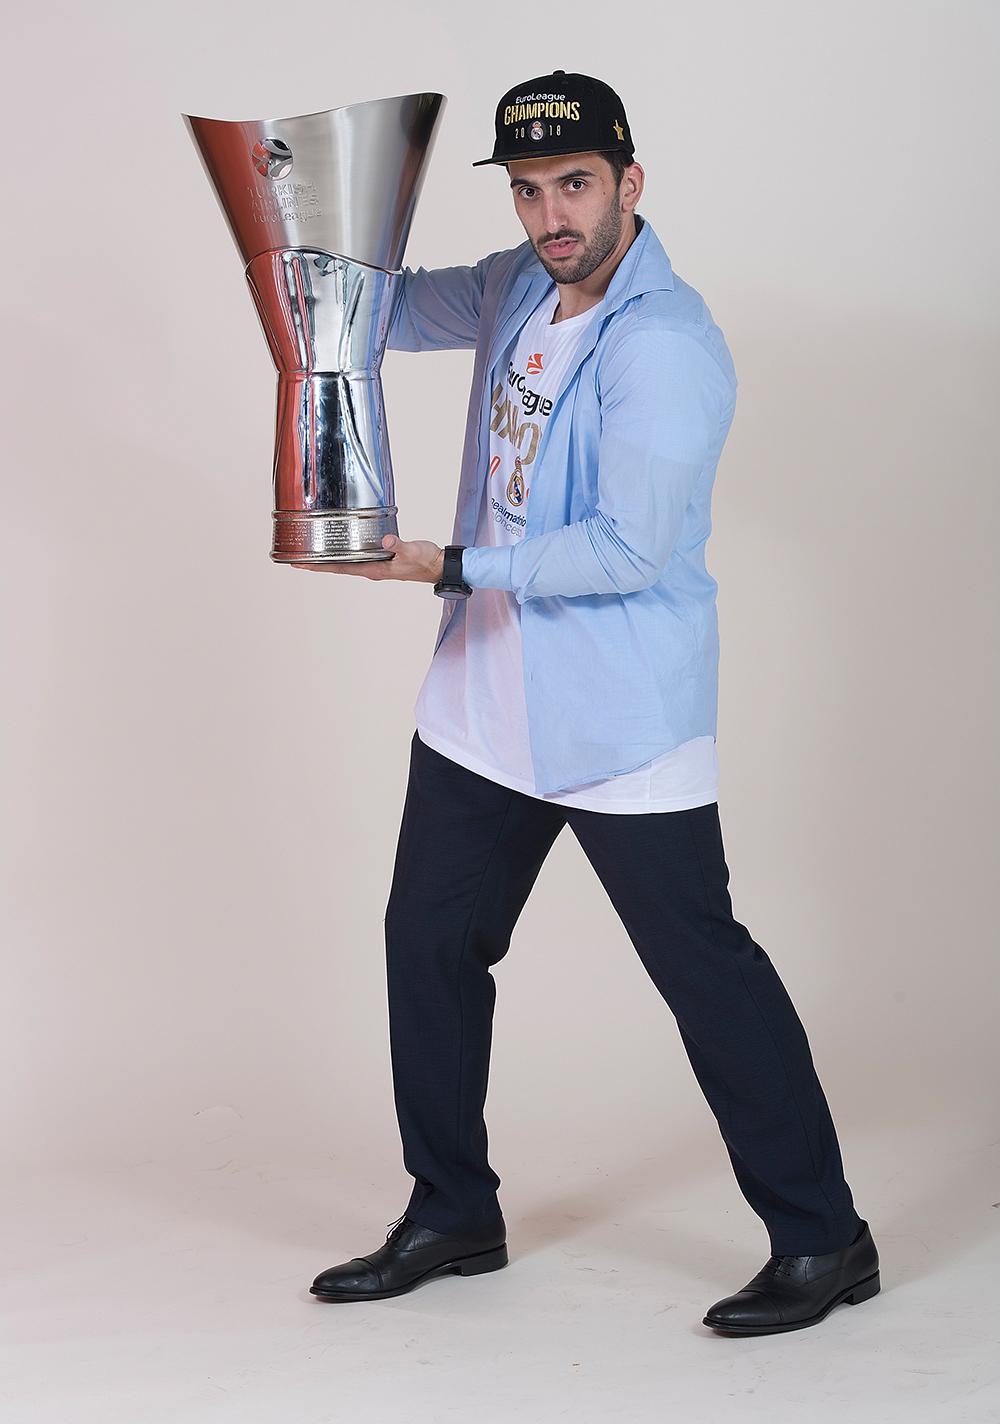 坎帕佐之于NBA,由于美而无缘,不过,缺憾不也是一种美吗? 